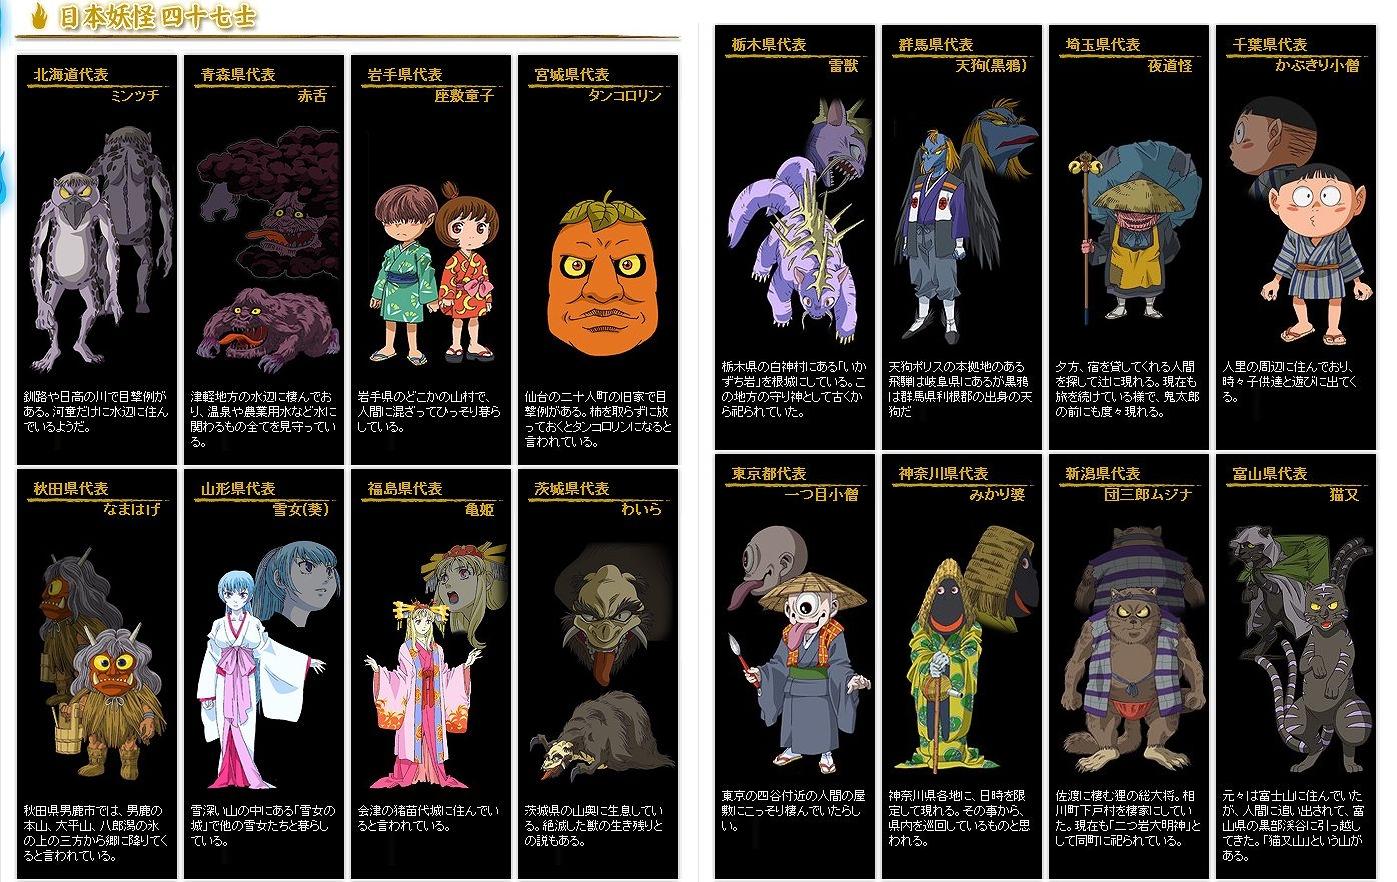 【画像】ゲゲゲの鬼太郎、日本全国の妖怪代表たち